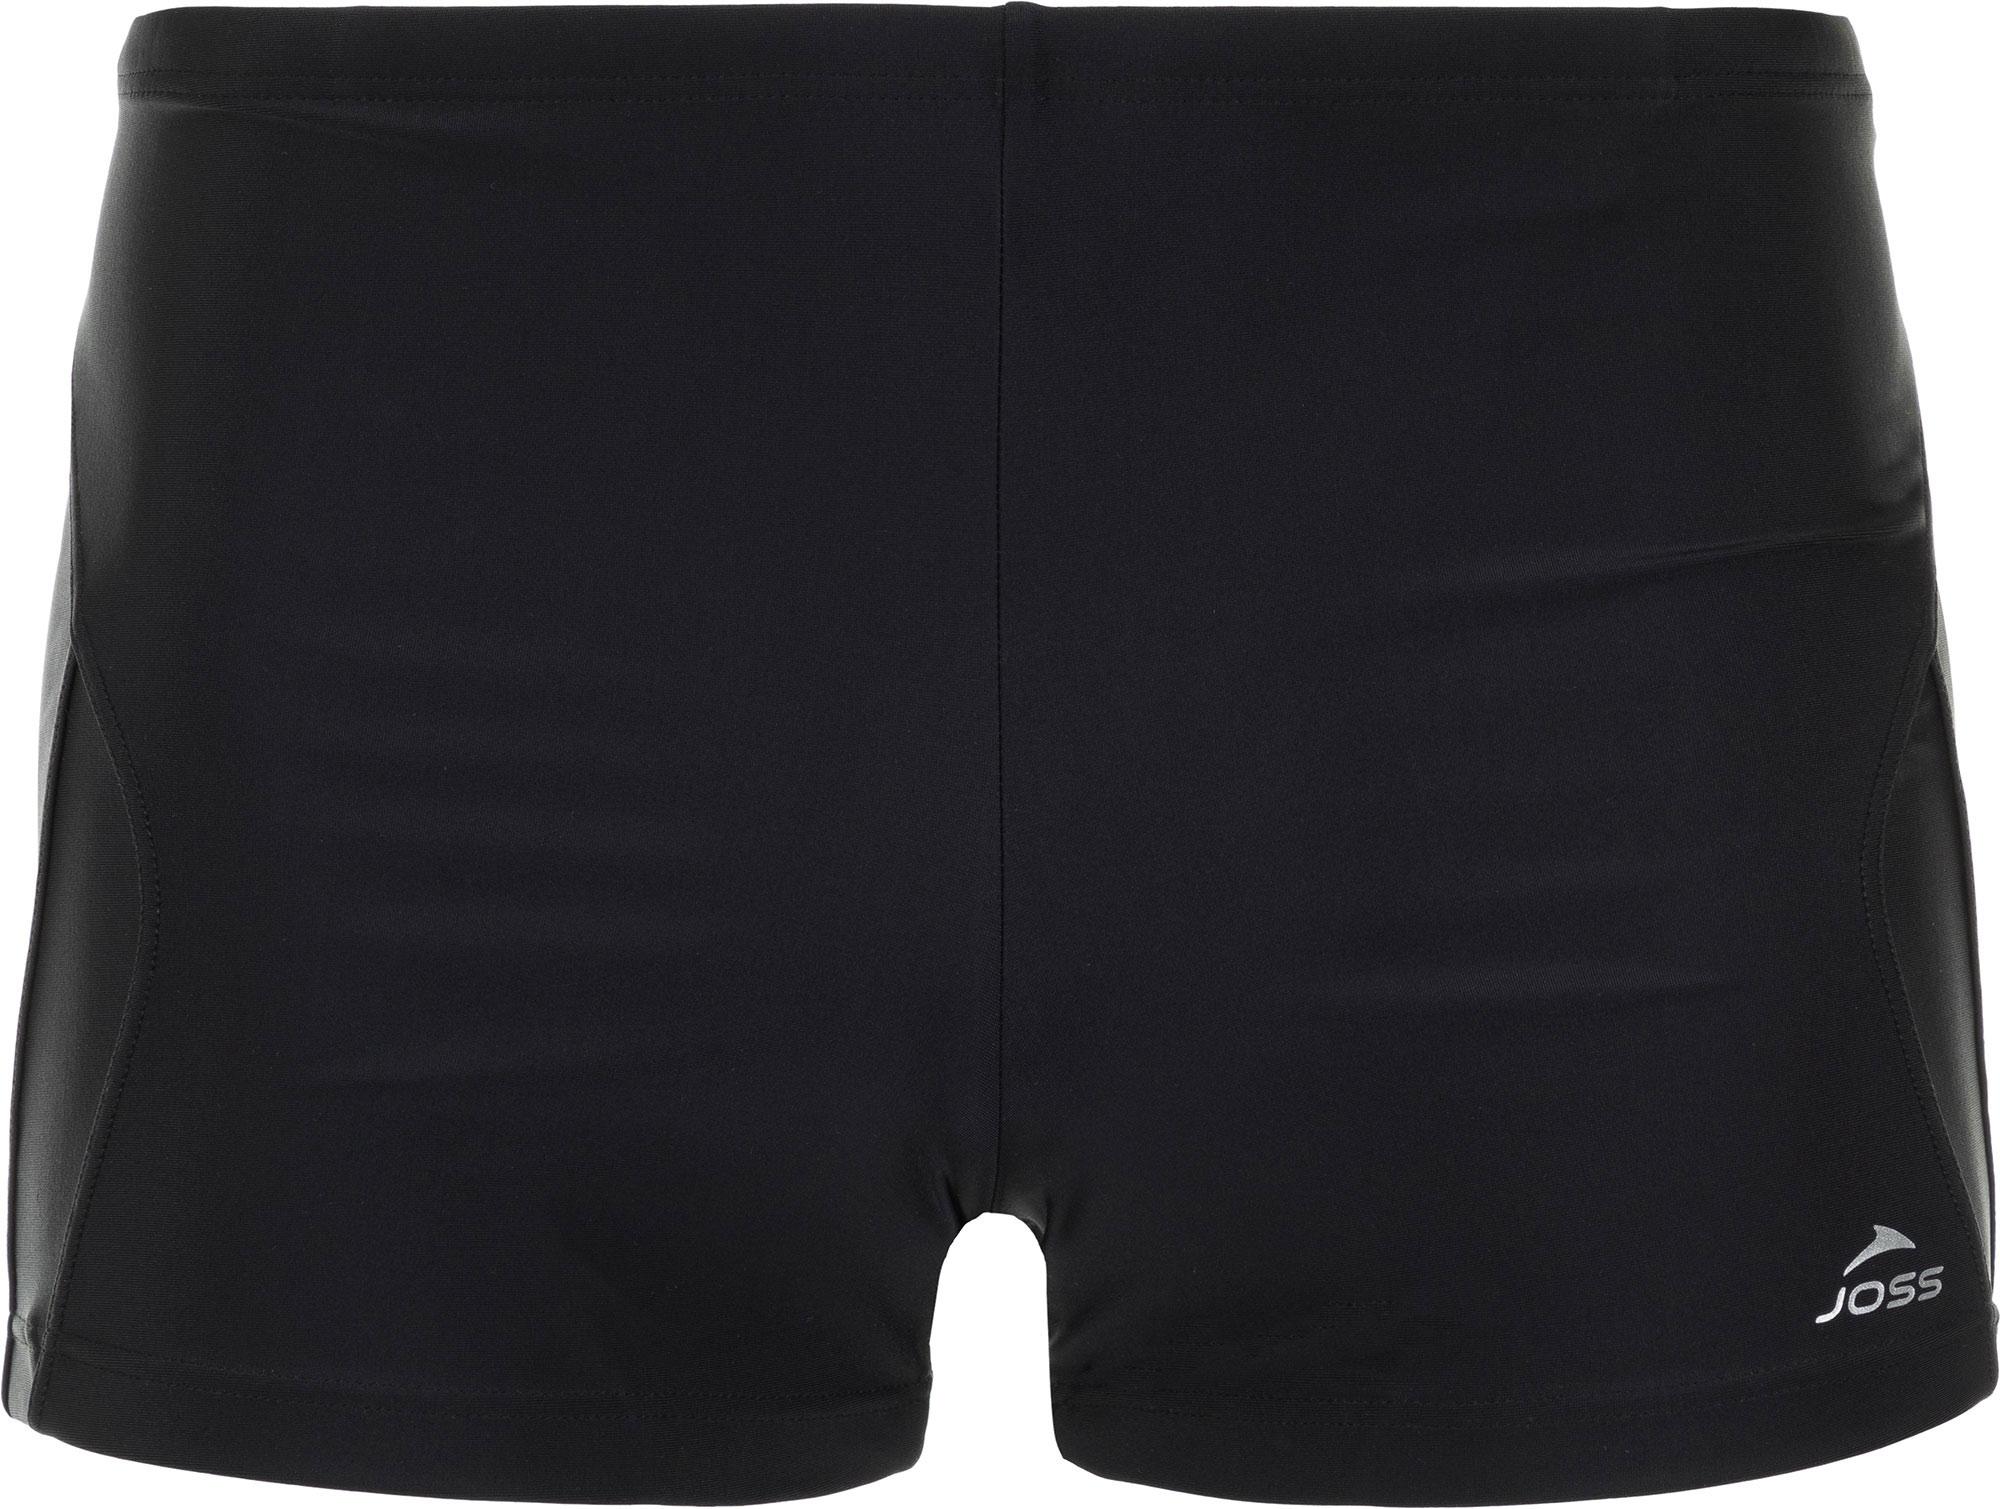 Joss Плавки-шорты мужские Joss, размер 60